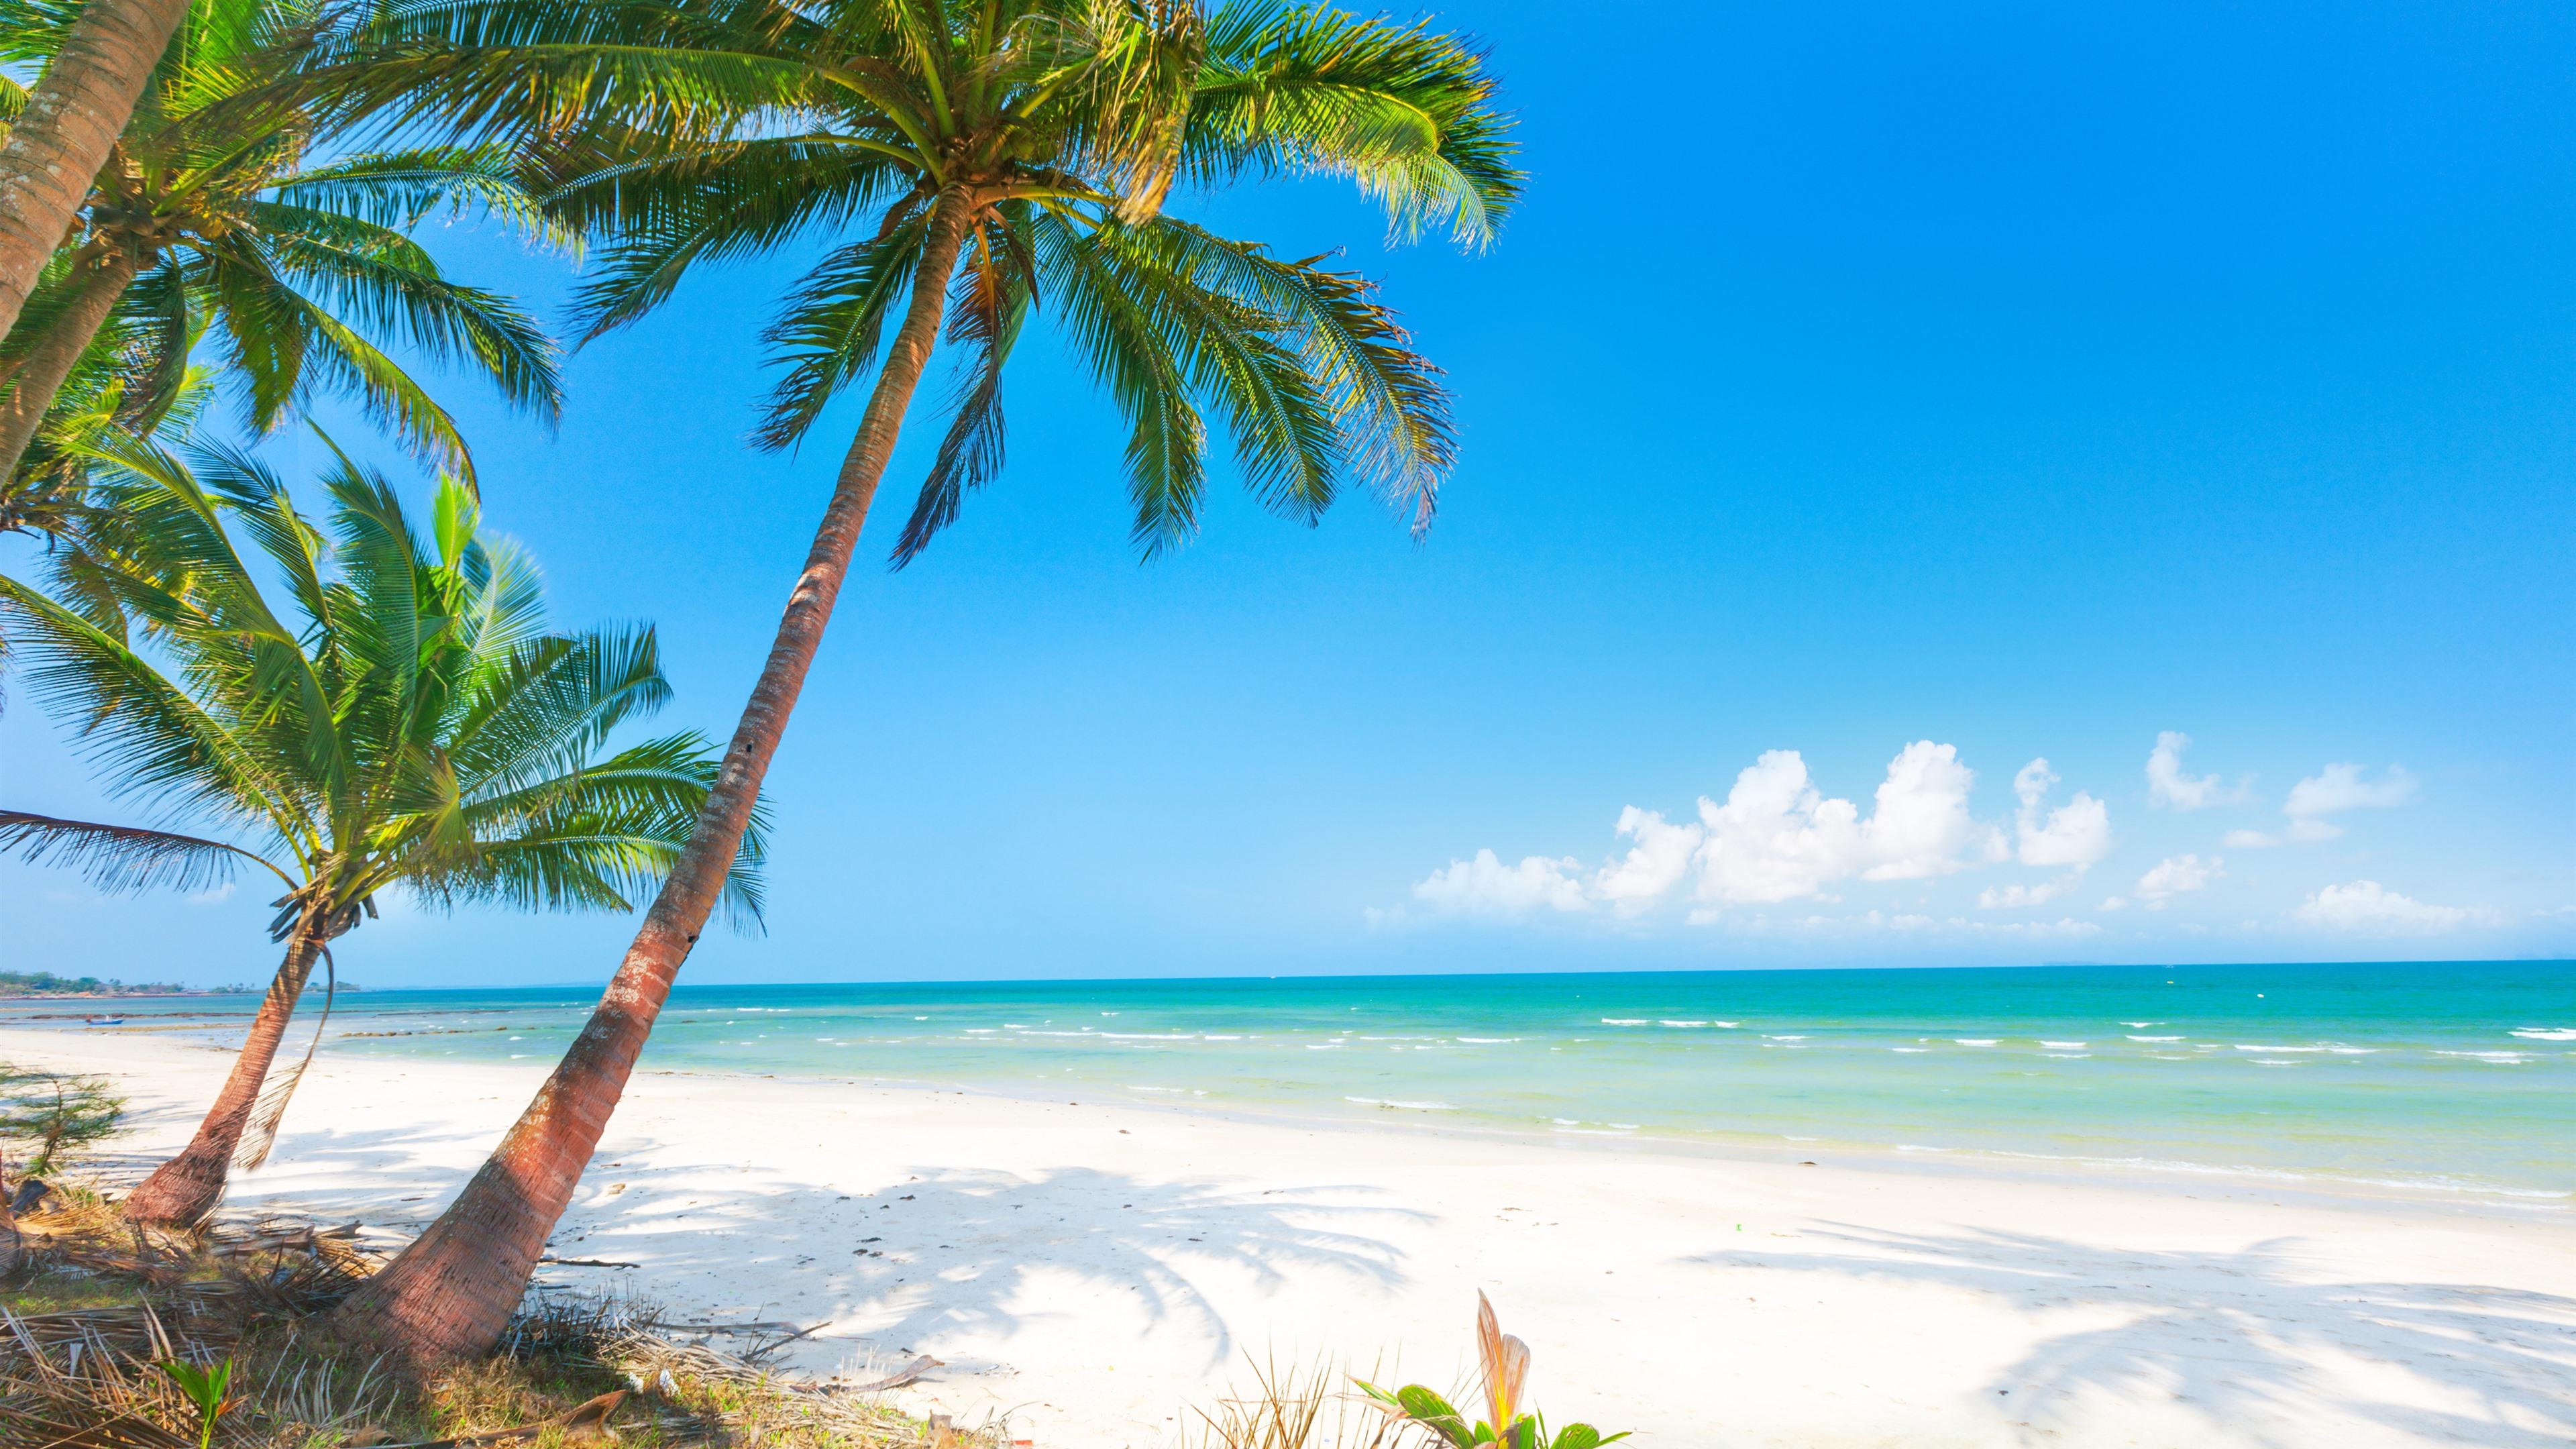 Sommer, Strand, Palmen, Meer 3840x2160 UHD 4K